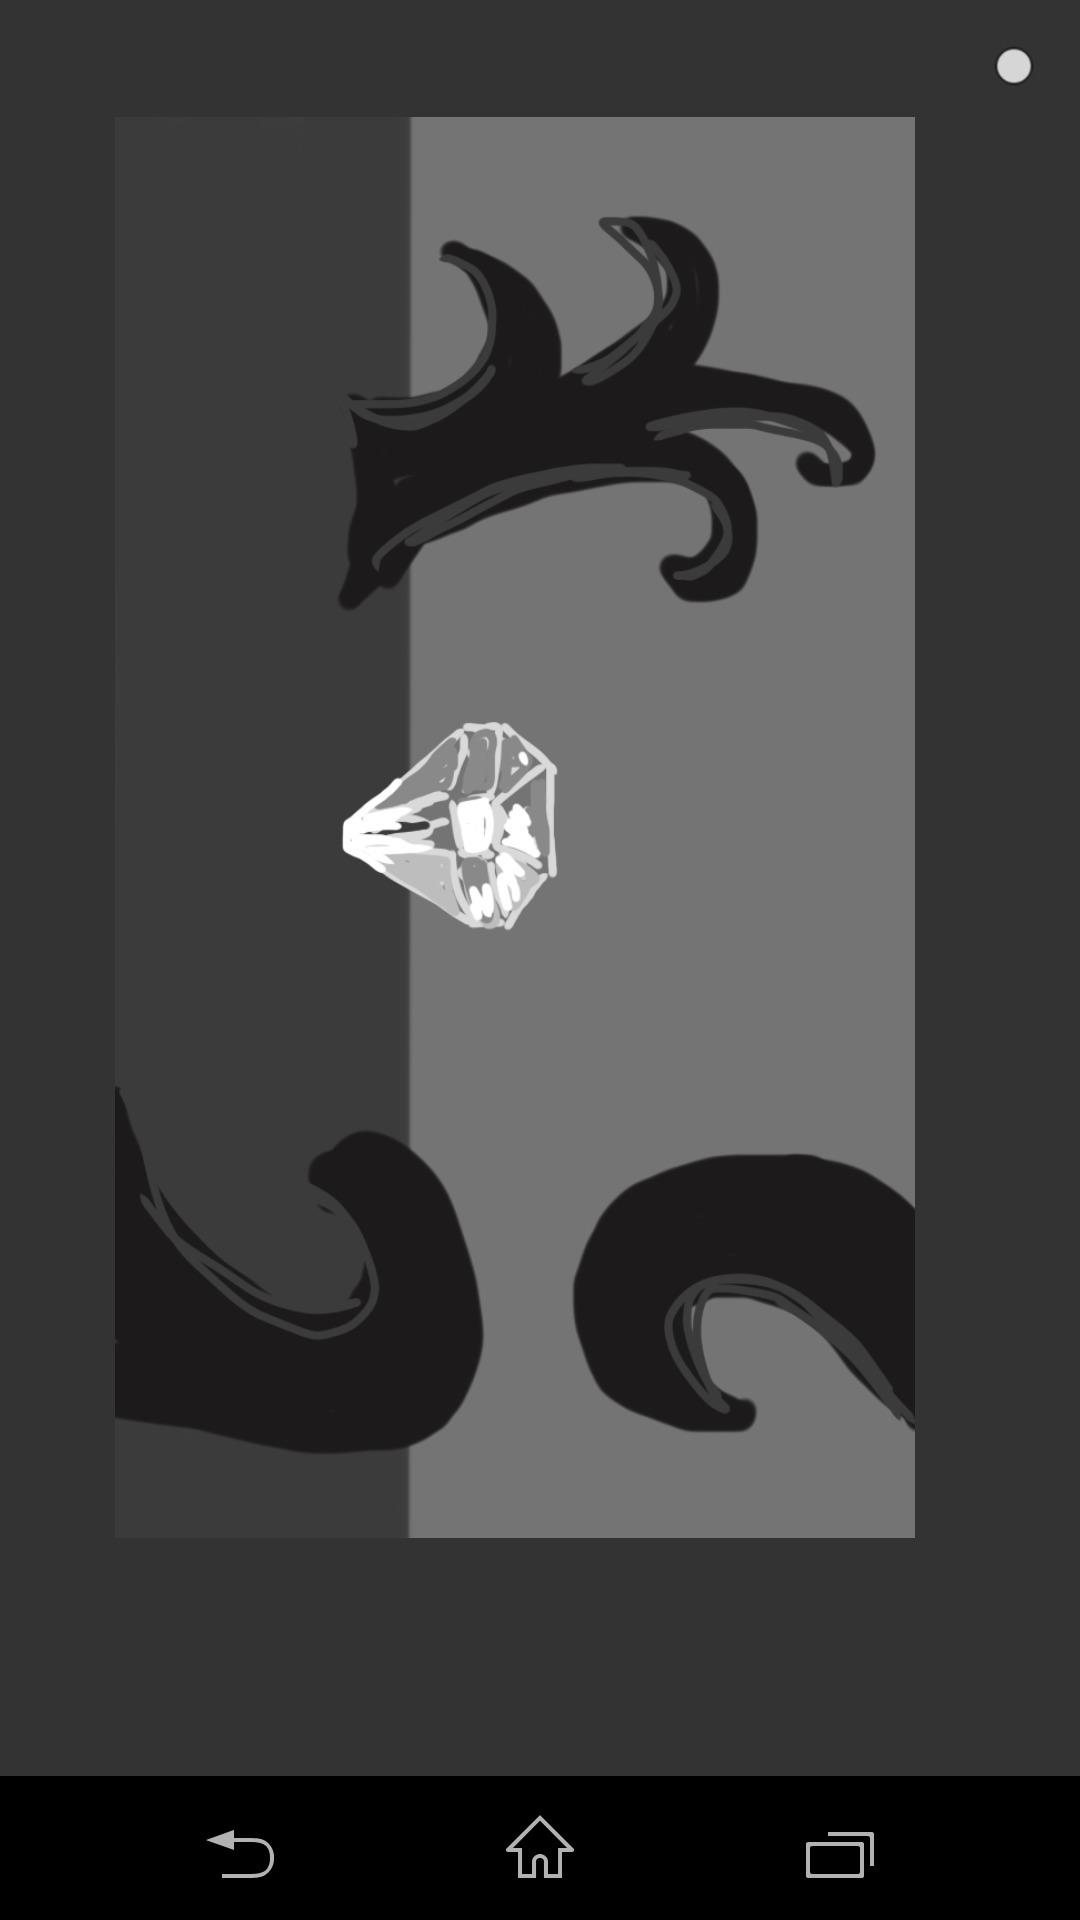 Помогите вспомнить мобильную игру, очень прошуПлохо помню сюжет, но что - то вроде бродилки, в черно - серо - белых цветах, и персонаж помню весь черный, с кошачьей головой и белыми глазамиМульташная ?